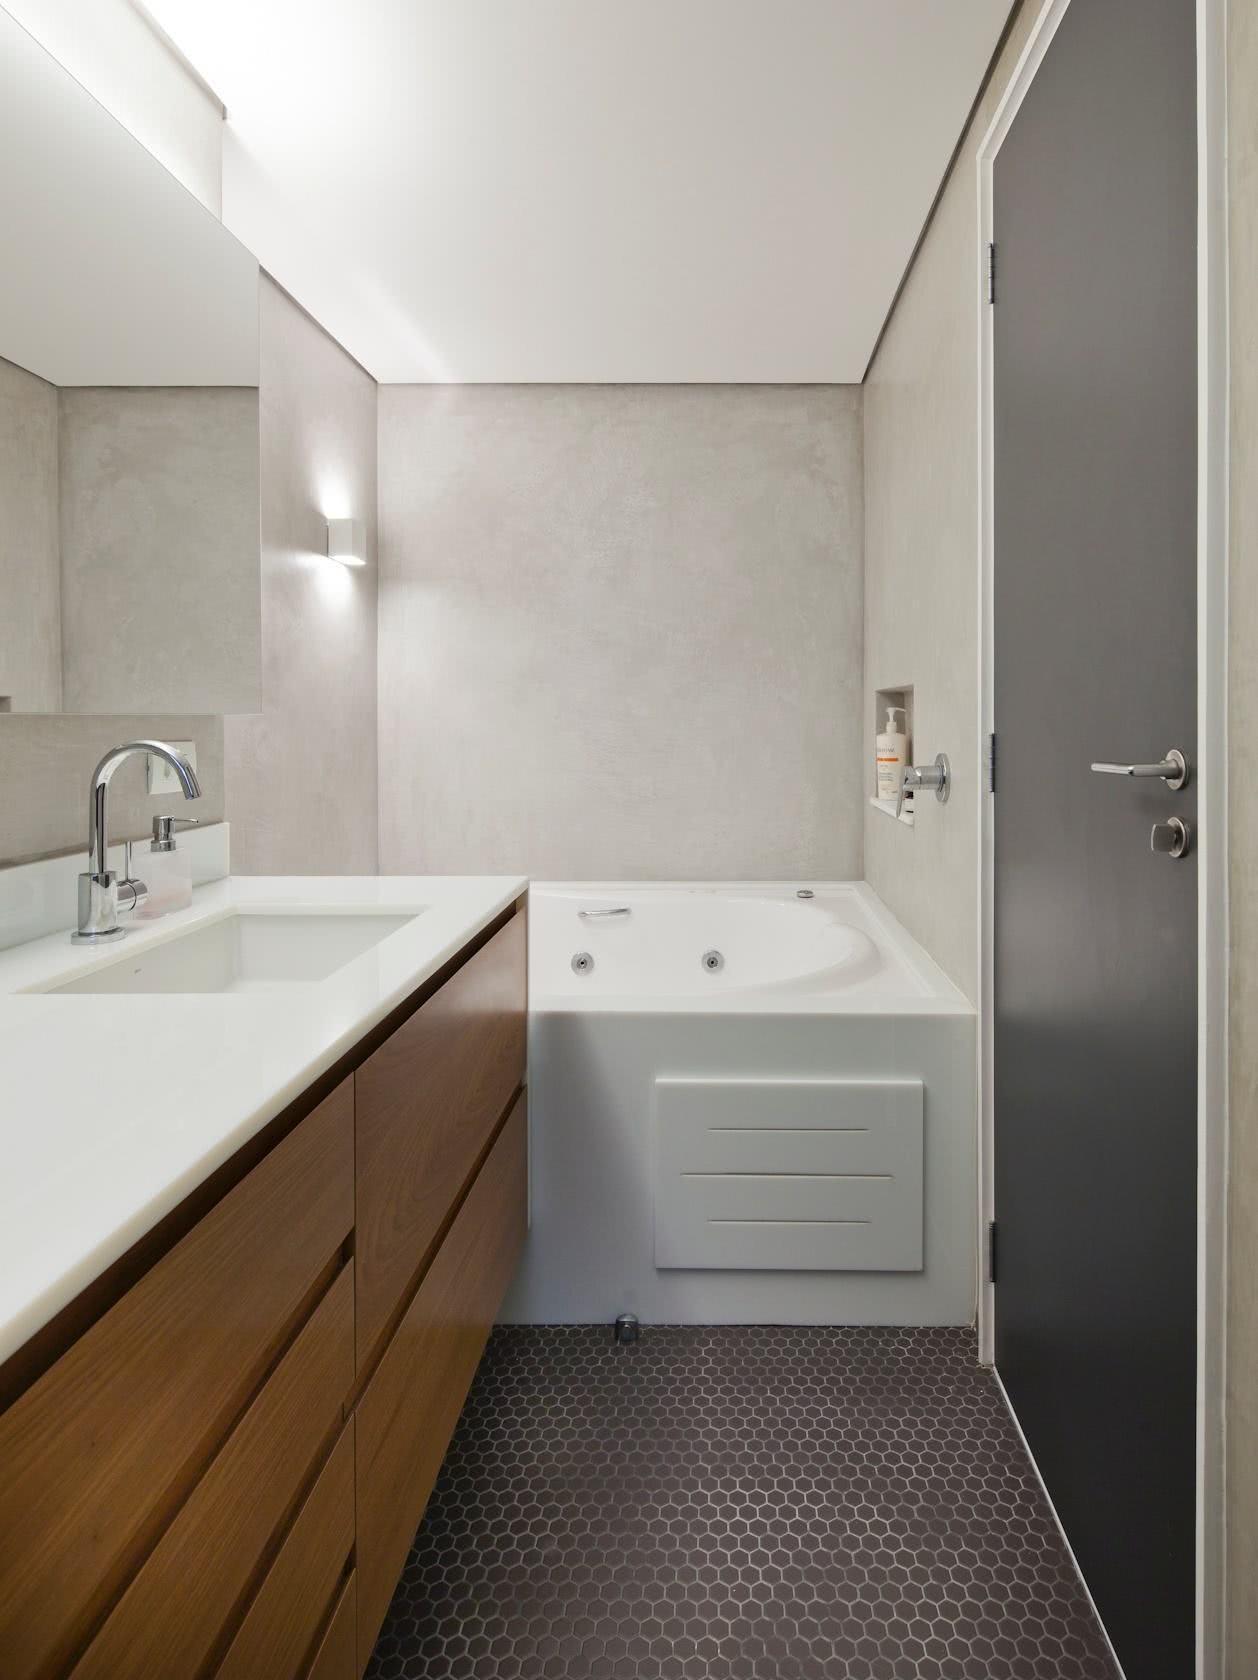 61 – Priorize o espaço do banho com uma área ampla e confortável #5F4329 1258x1680 Banheiro Cimento Queimado E Pastilhas